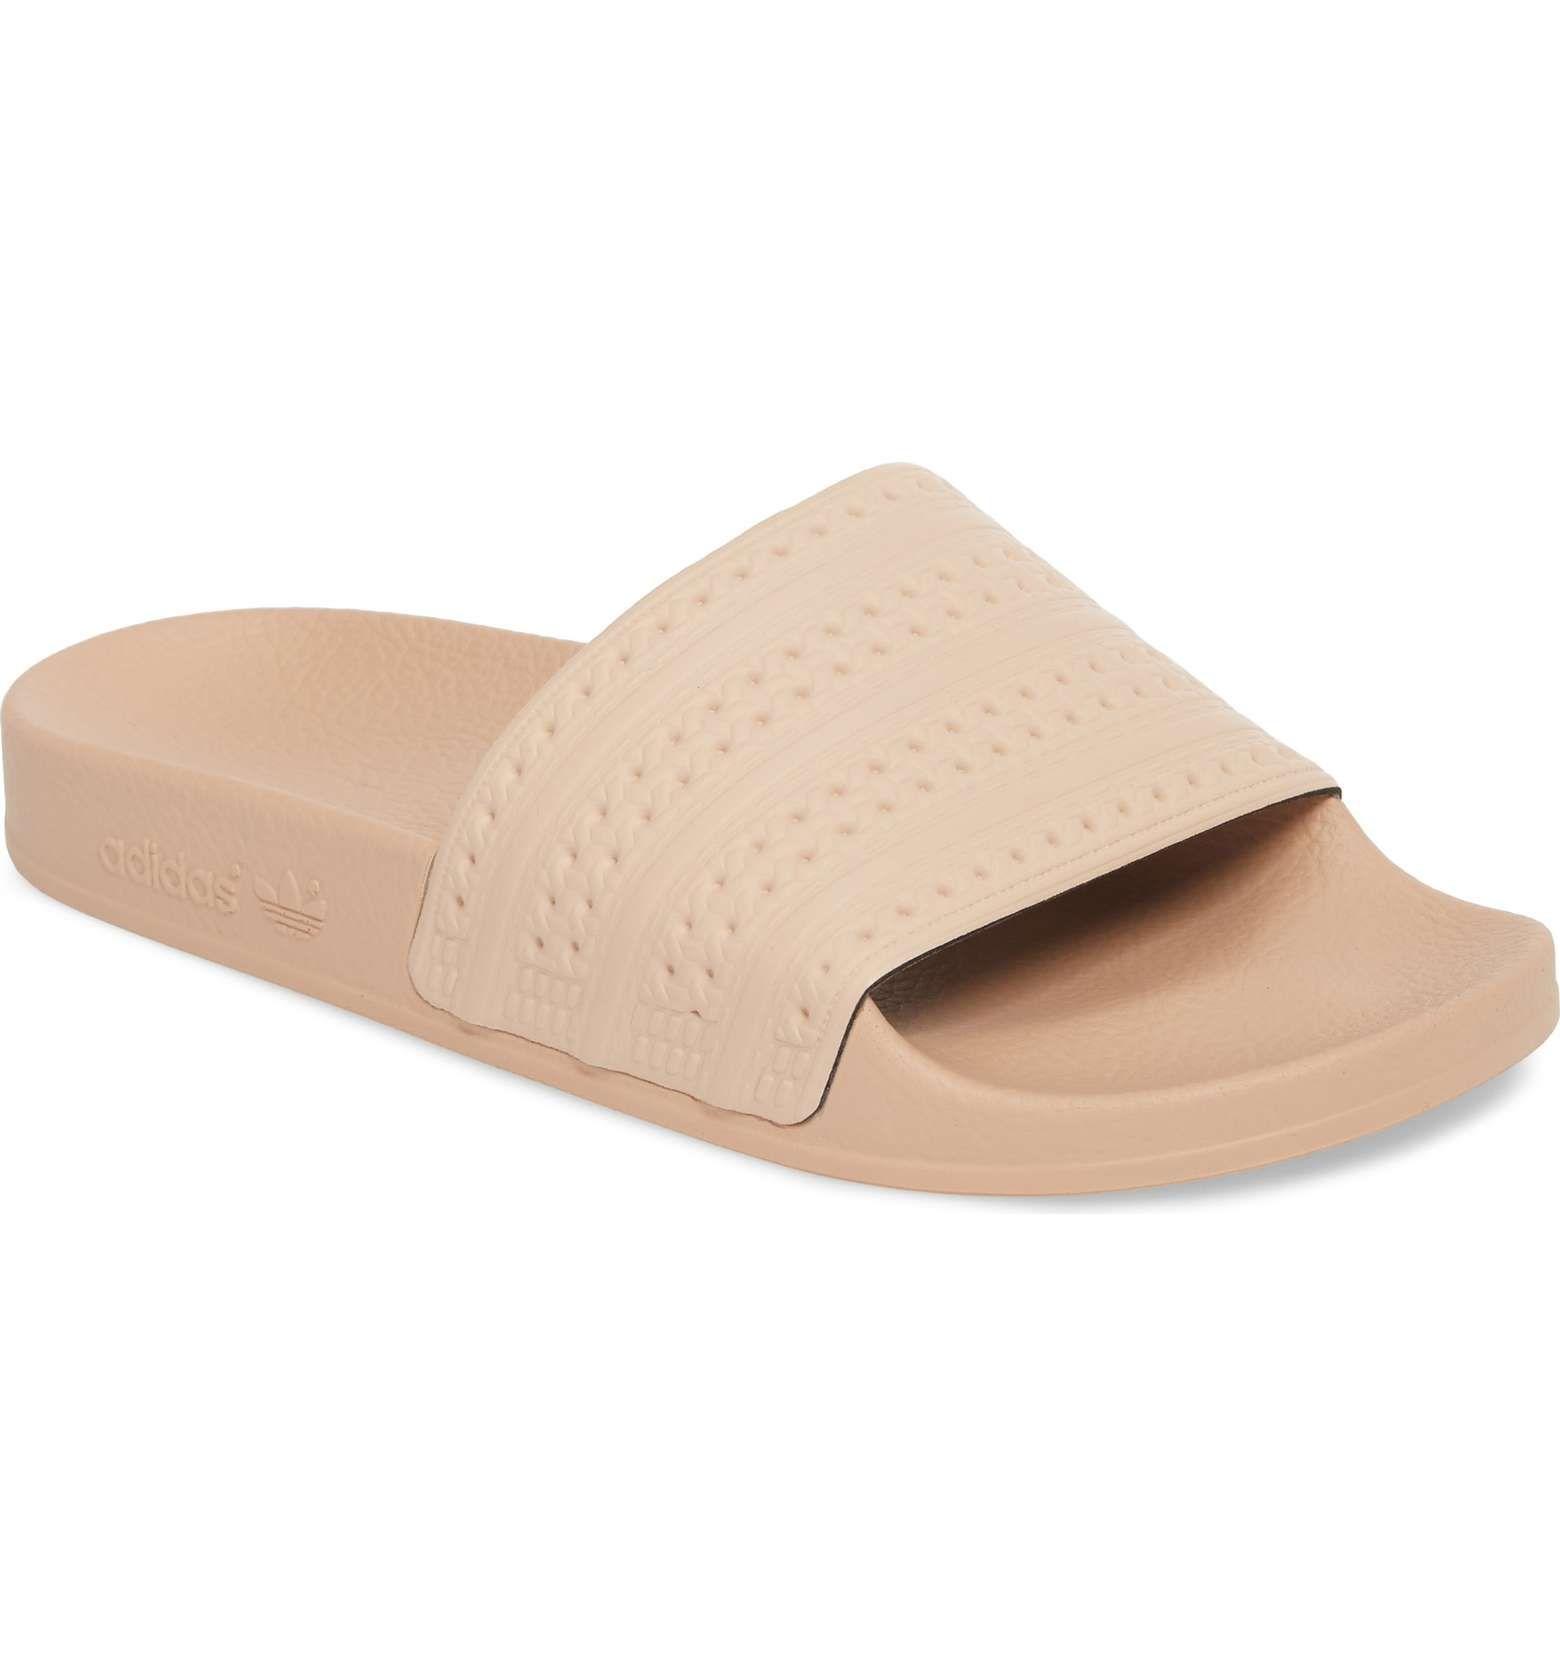 79b71d9d842211 Main Image - adidas  Adilette  Slide Sandal (Women)